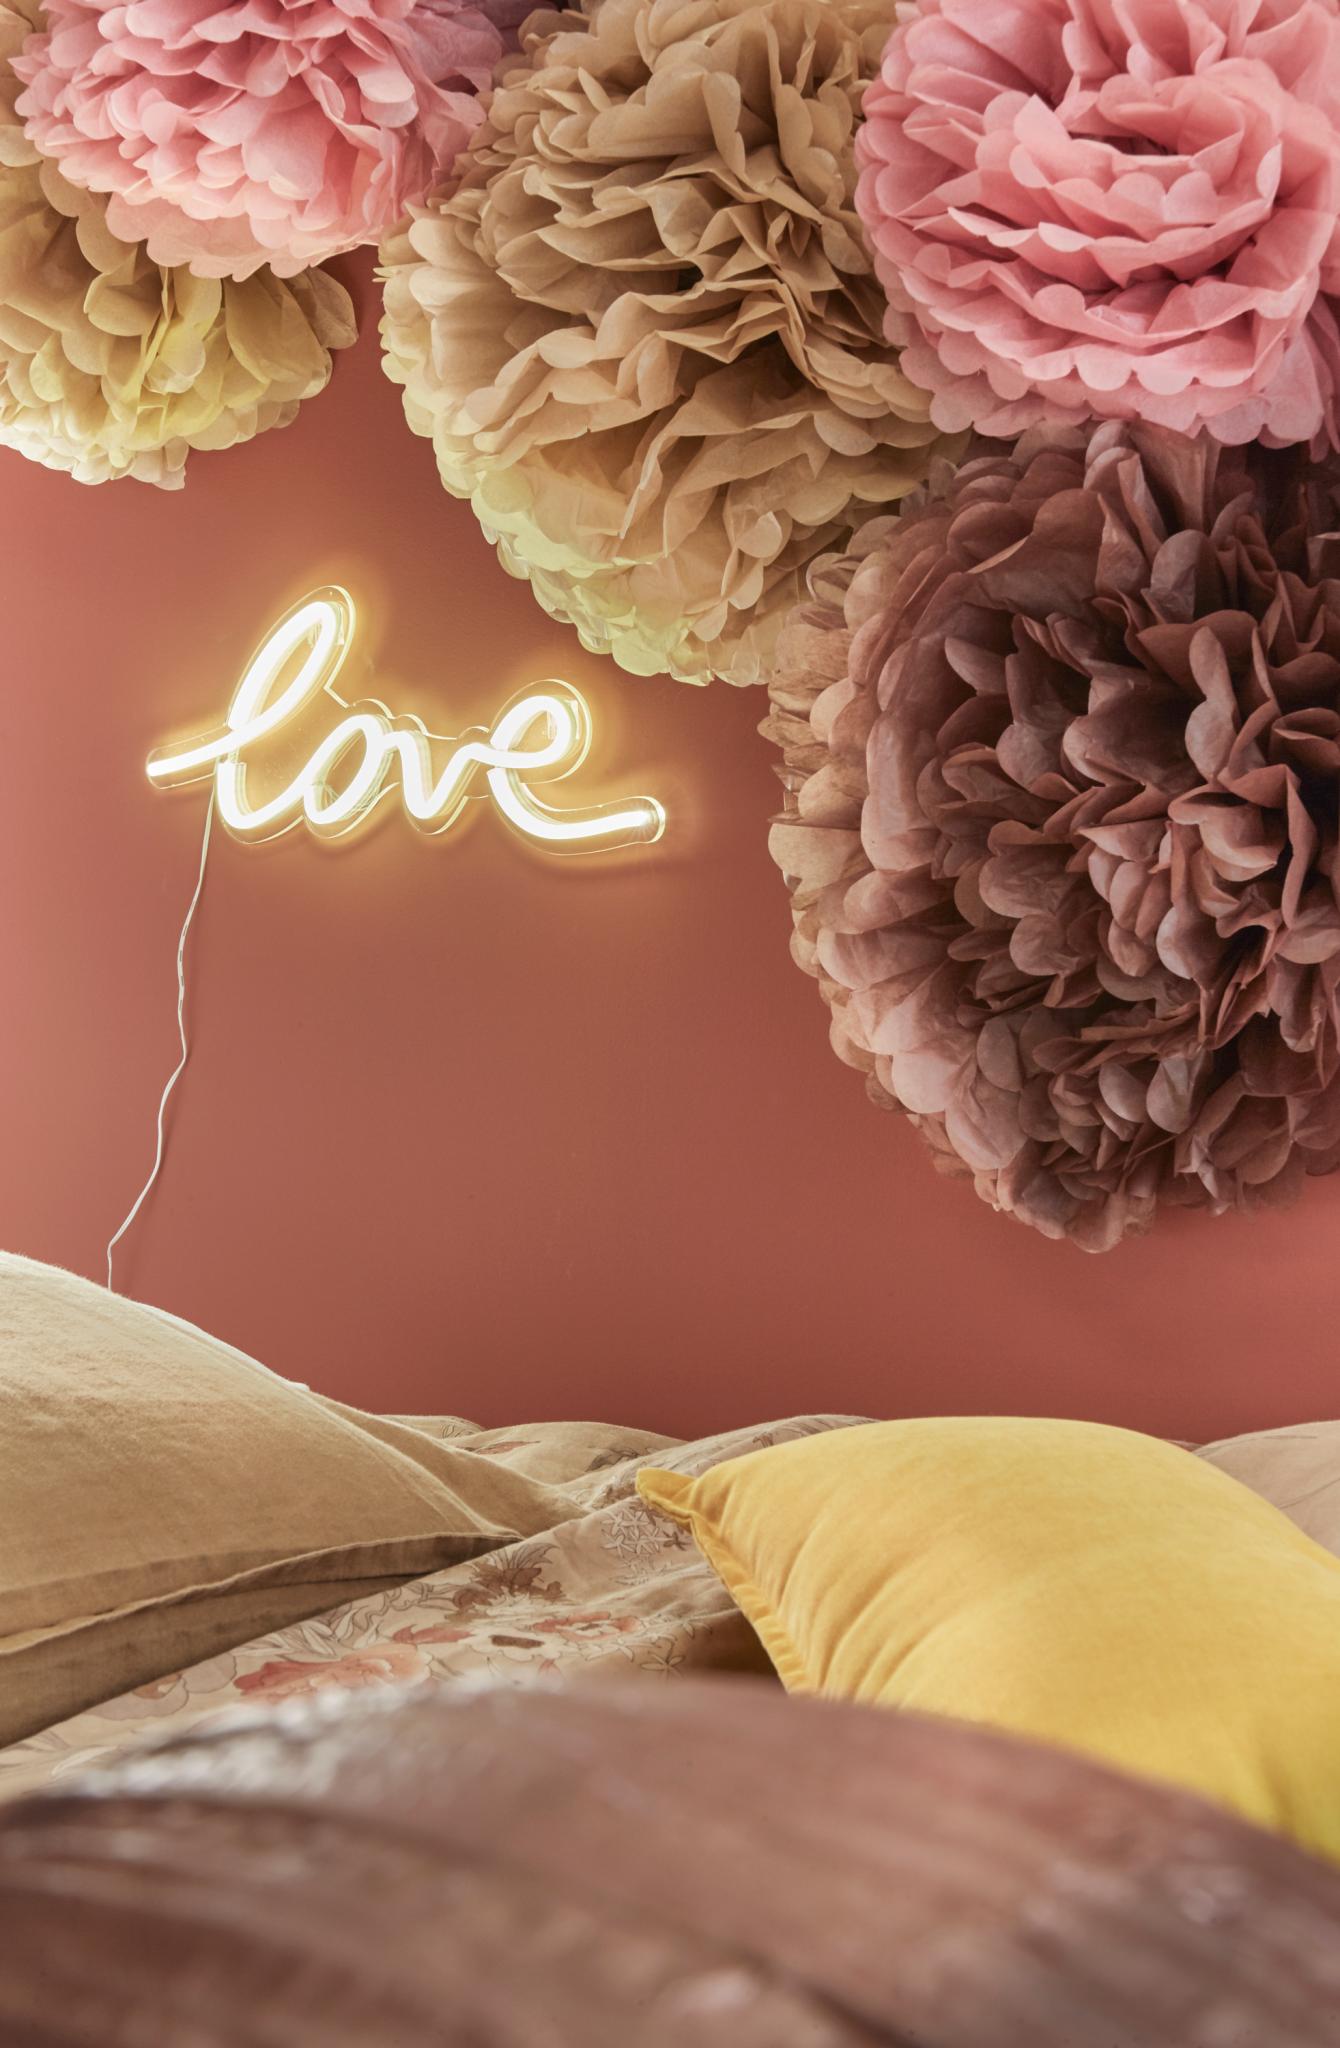 décoration saint valentin pompons papier chambre intérieur 2018 néon love